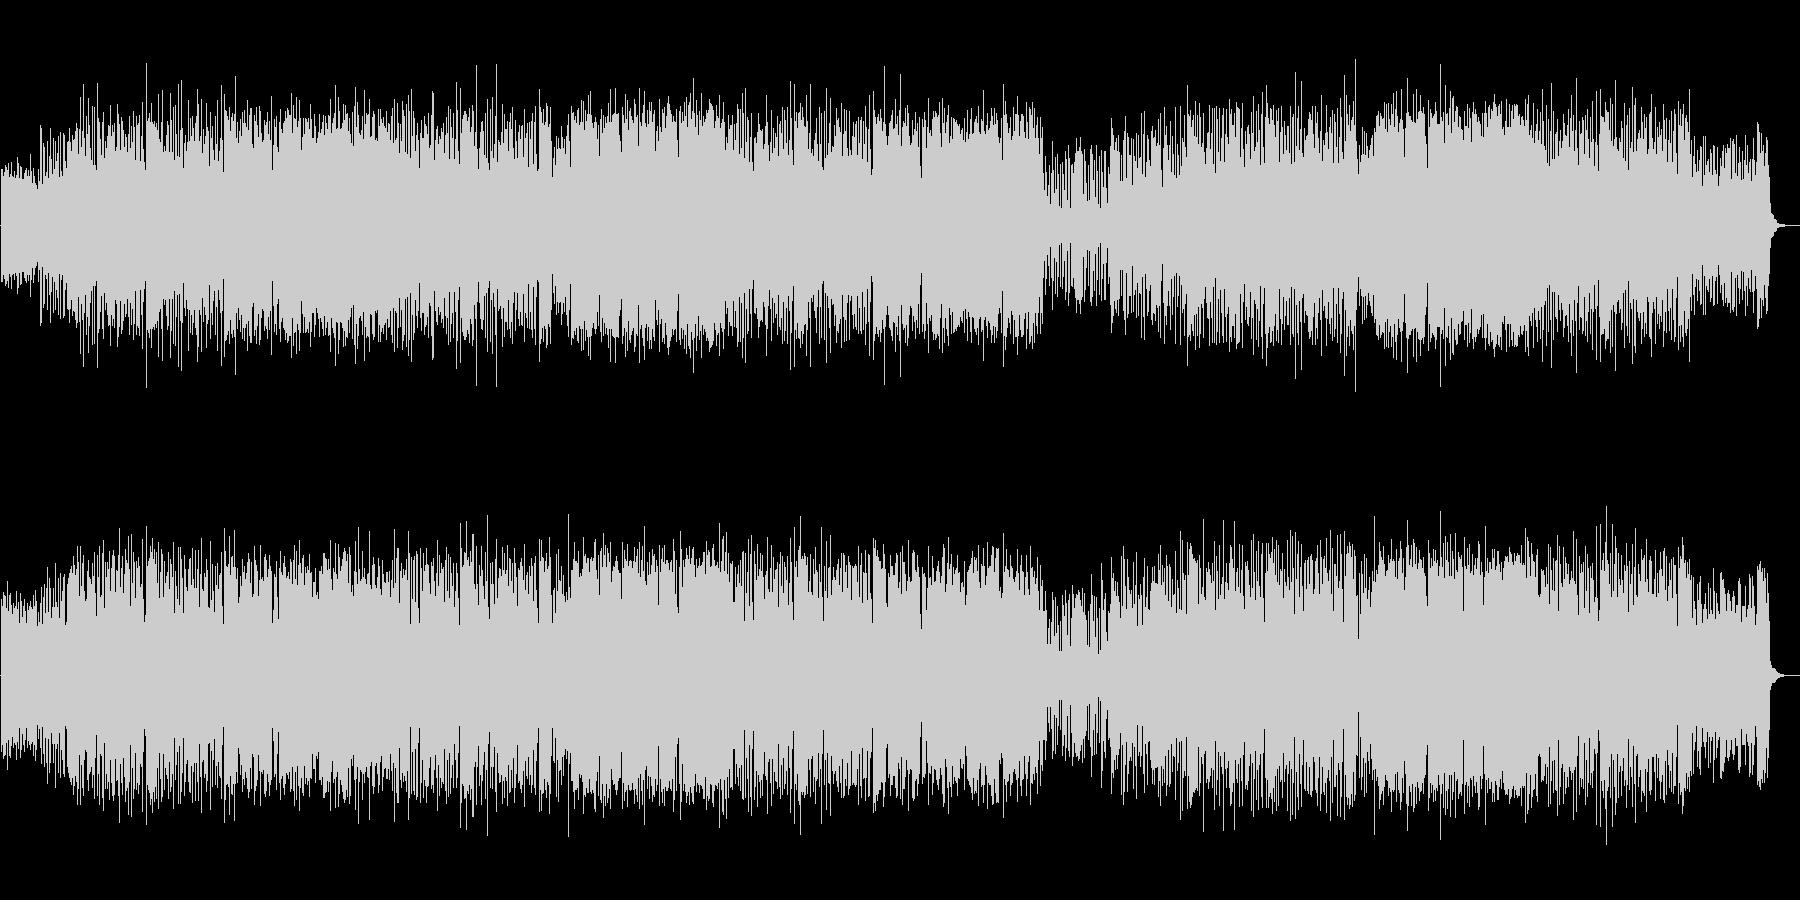 生録音のフルートと軽やかなバンドサウンドの未再生の波形